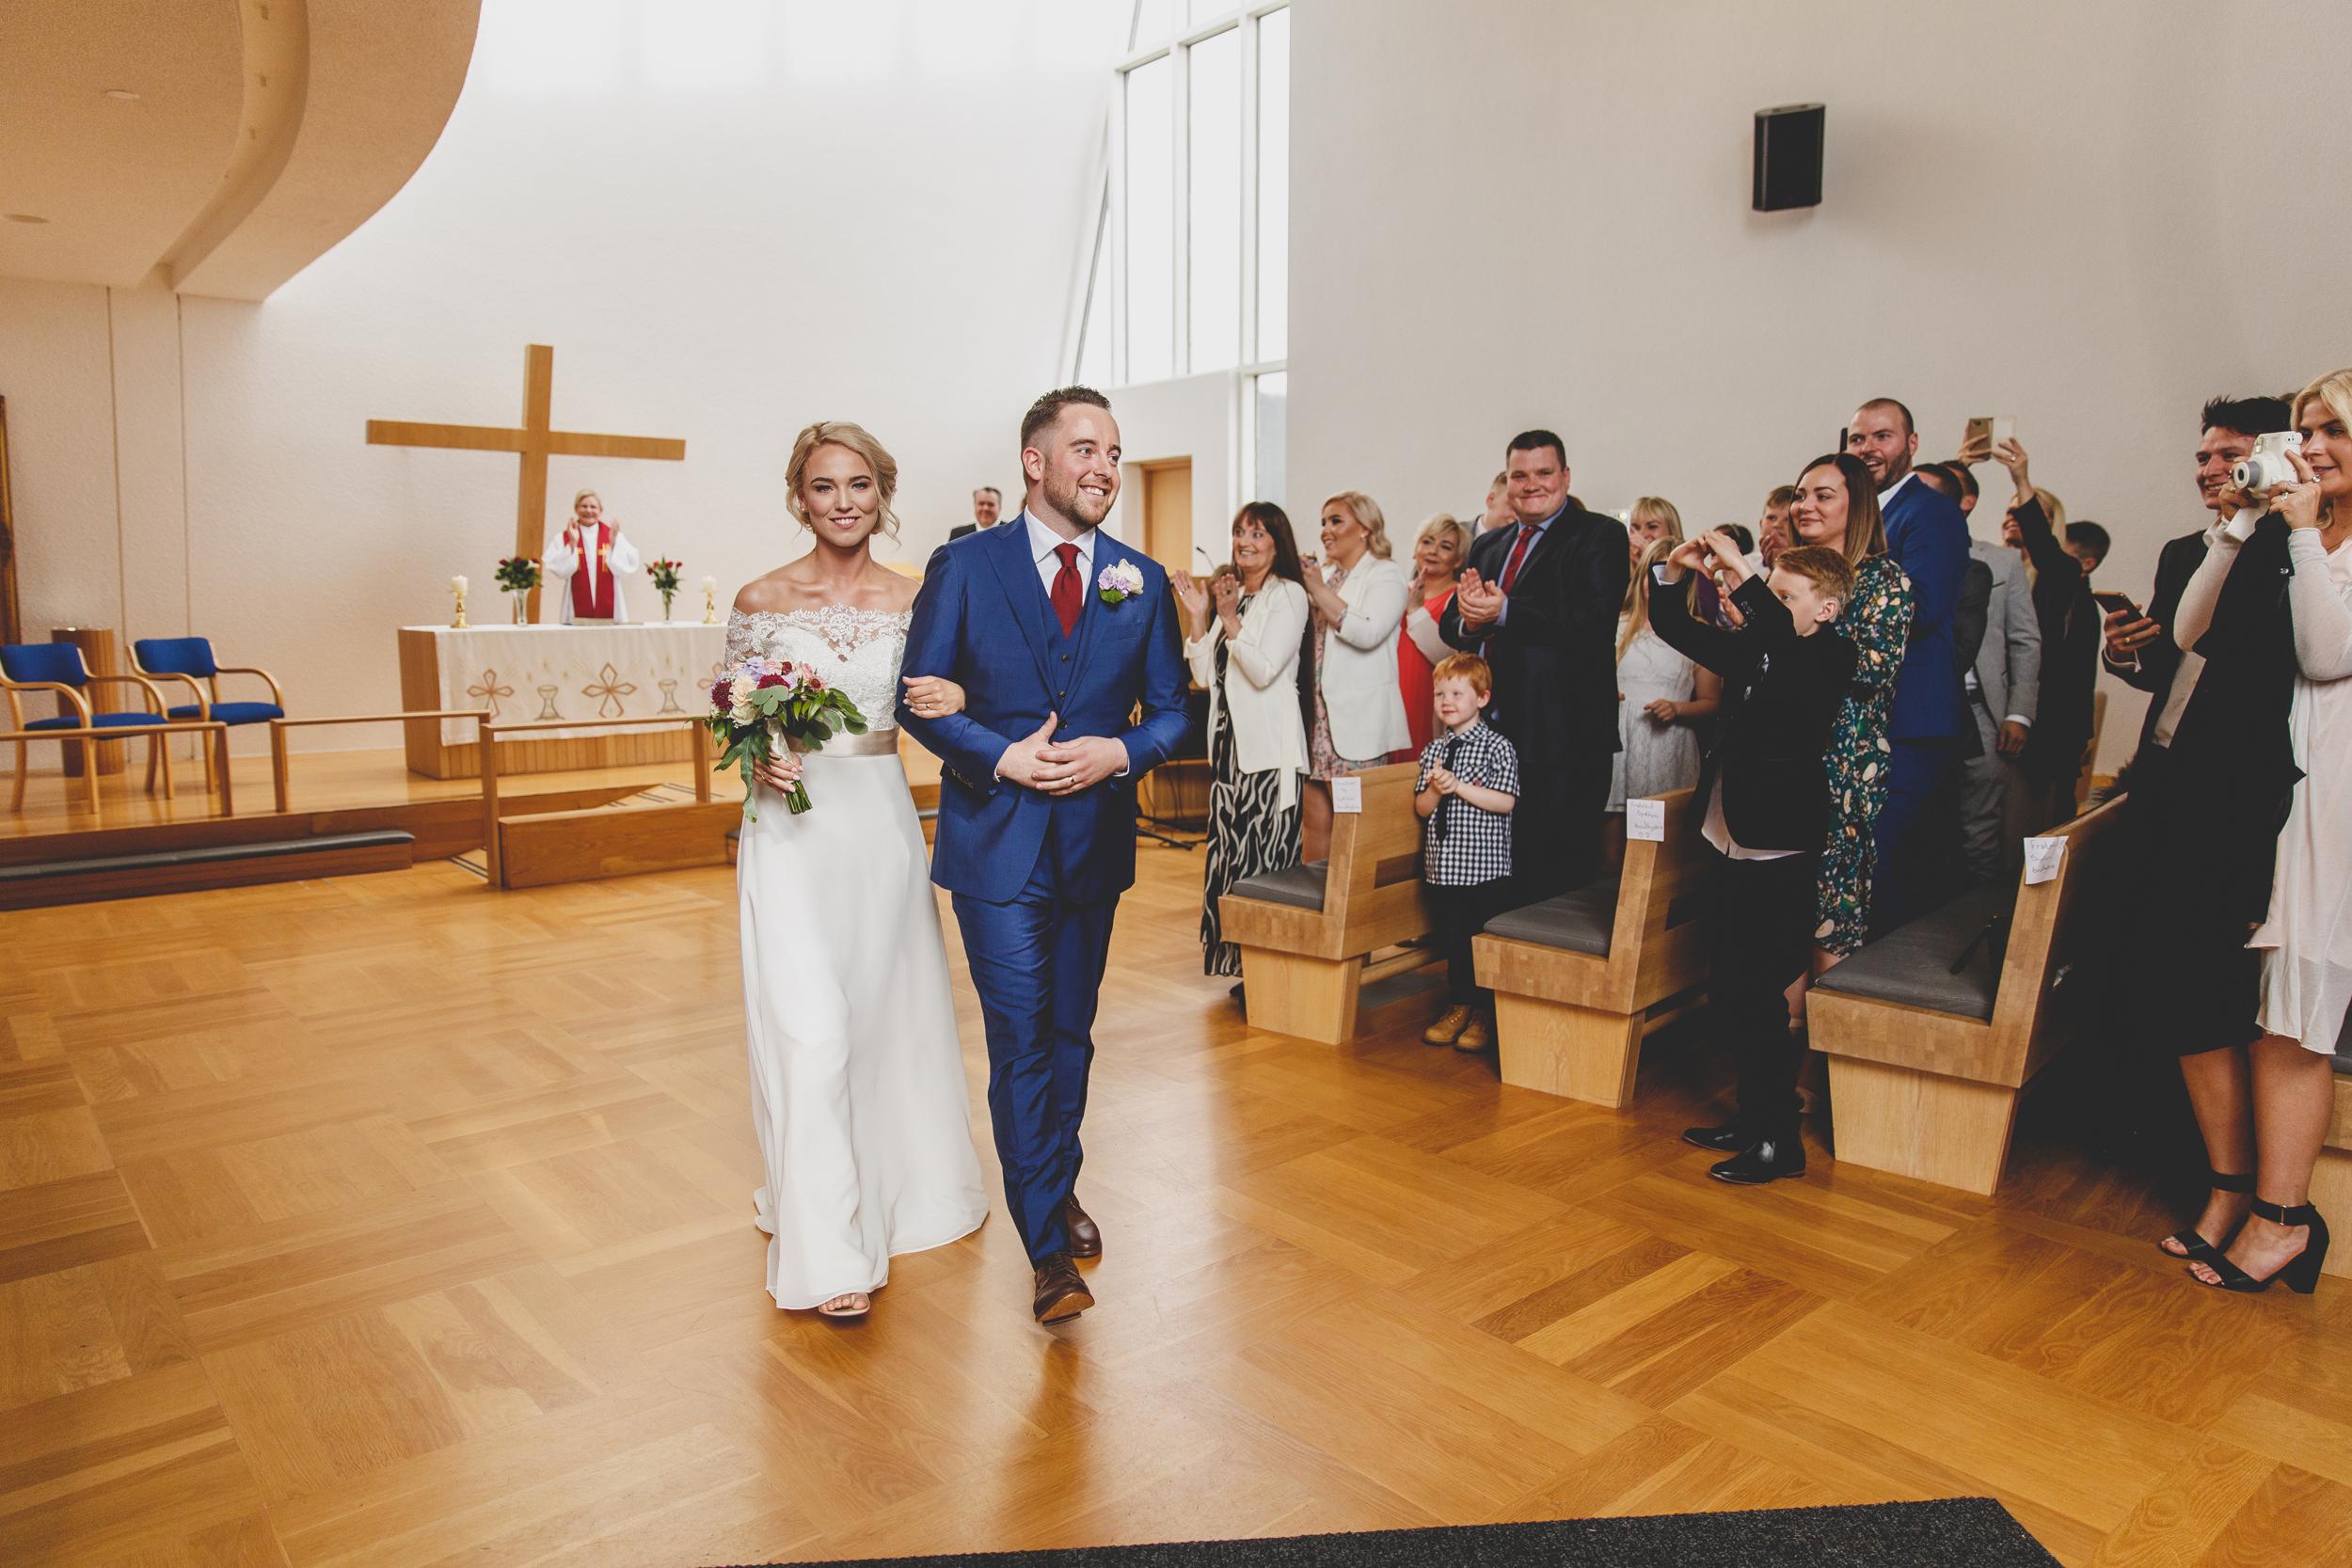 Brudkaup01-142.jpg